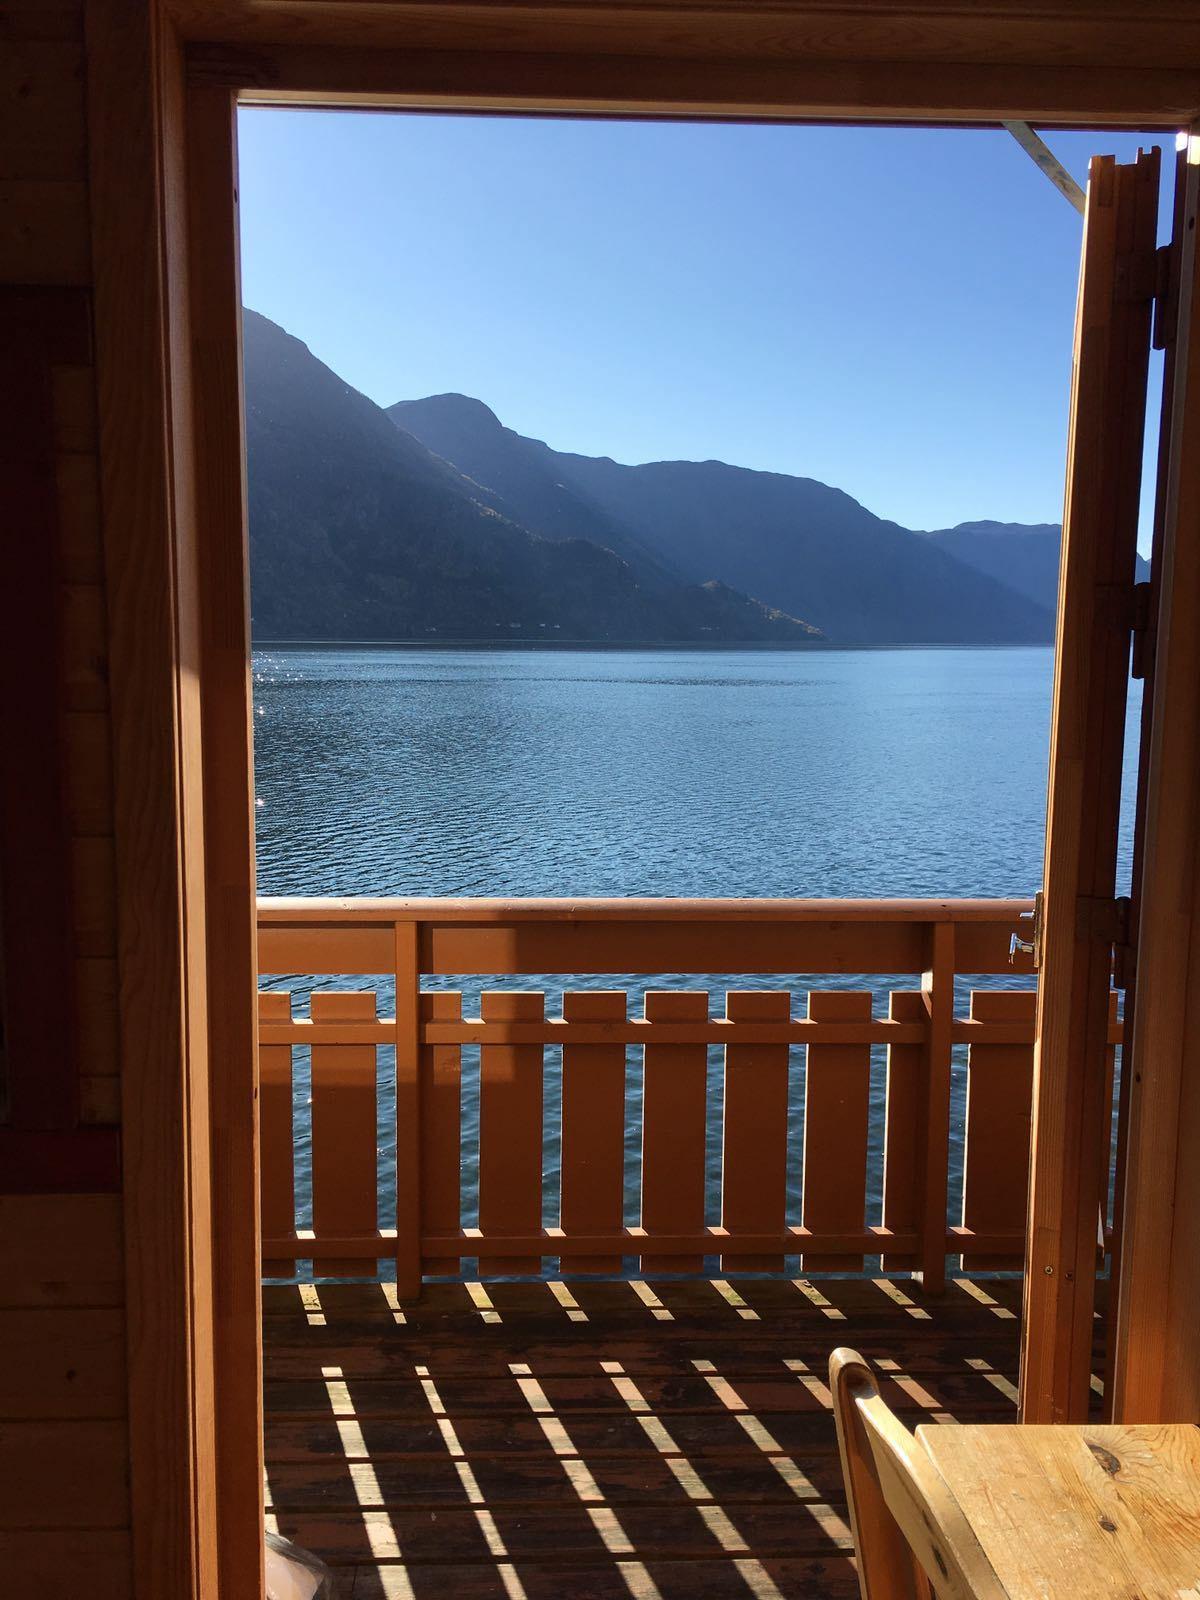 Noorwegen dag 2: Sognefjord en onderweg naar Gaupne